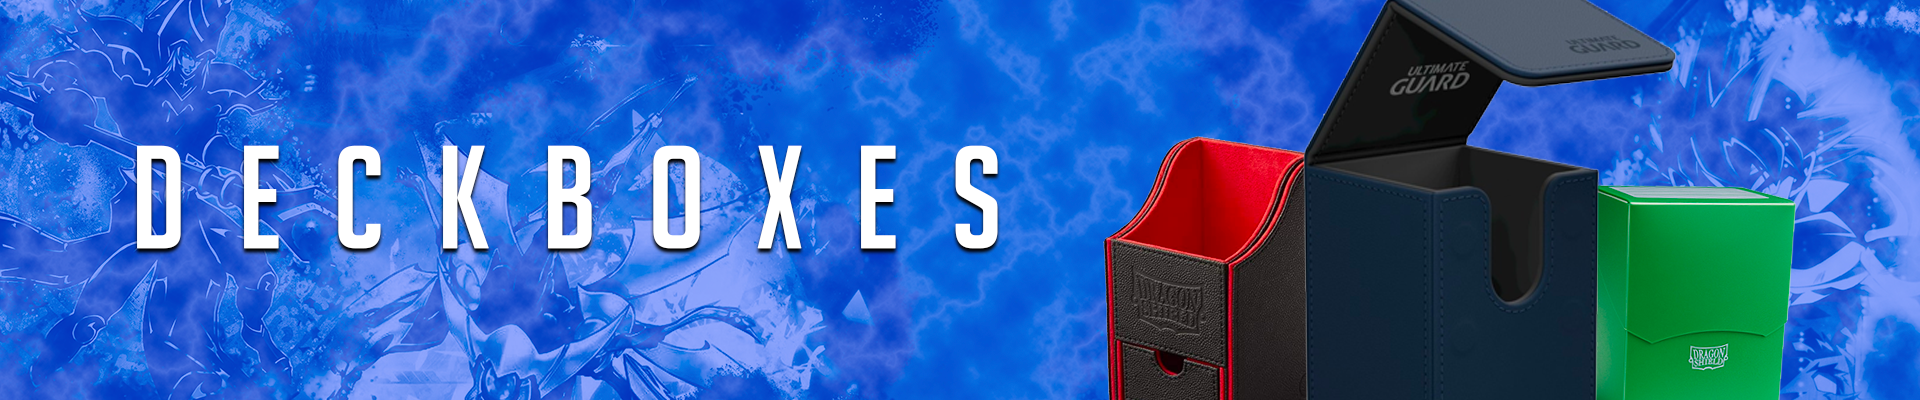 Imagen para la categoría Deckboxes